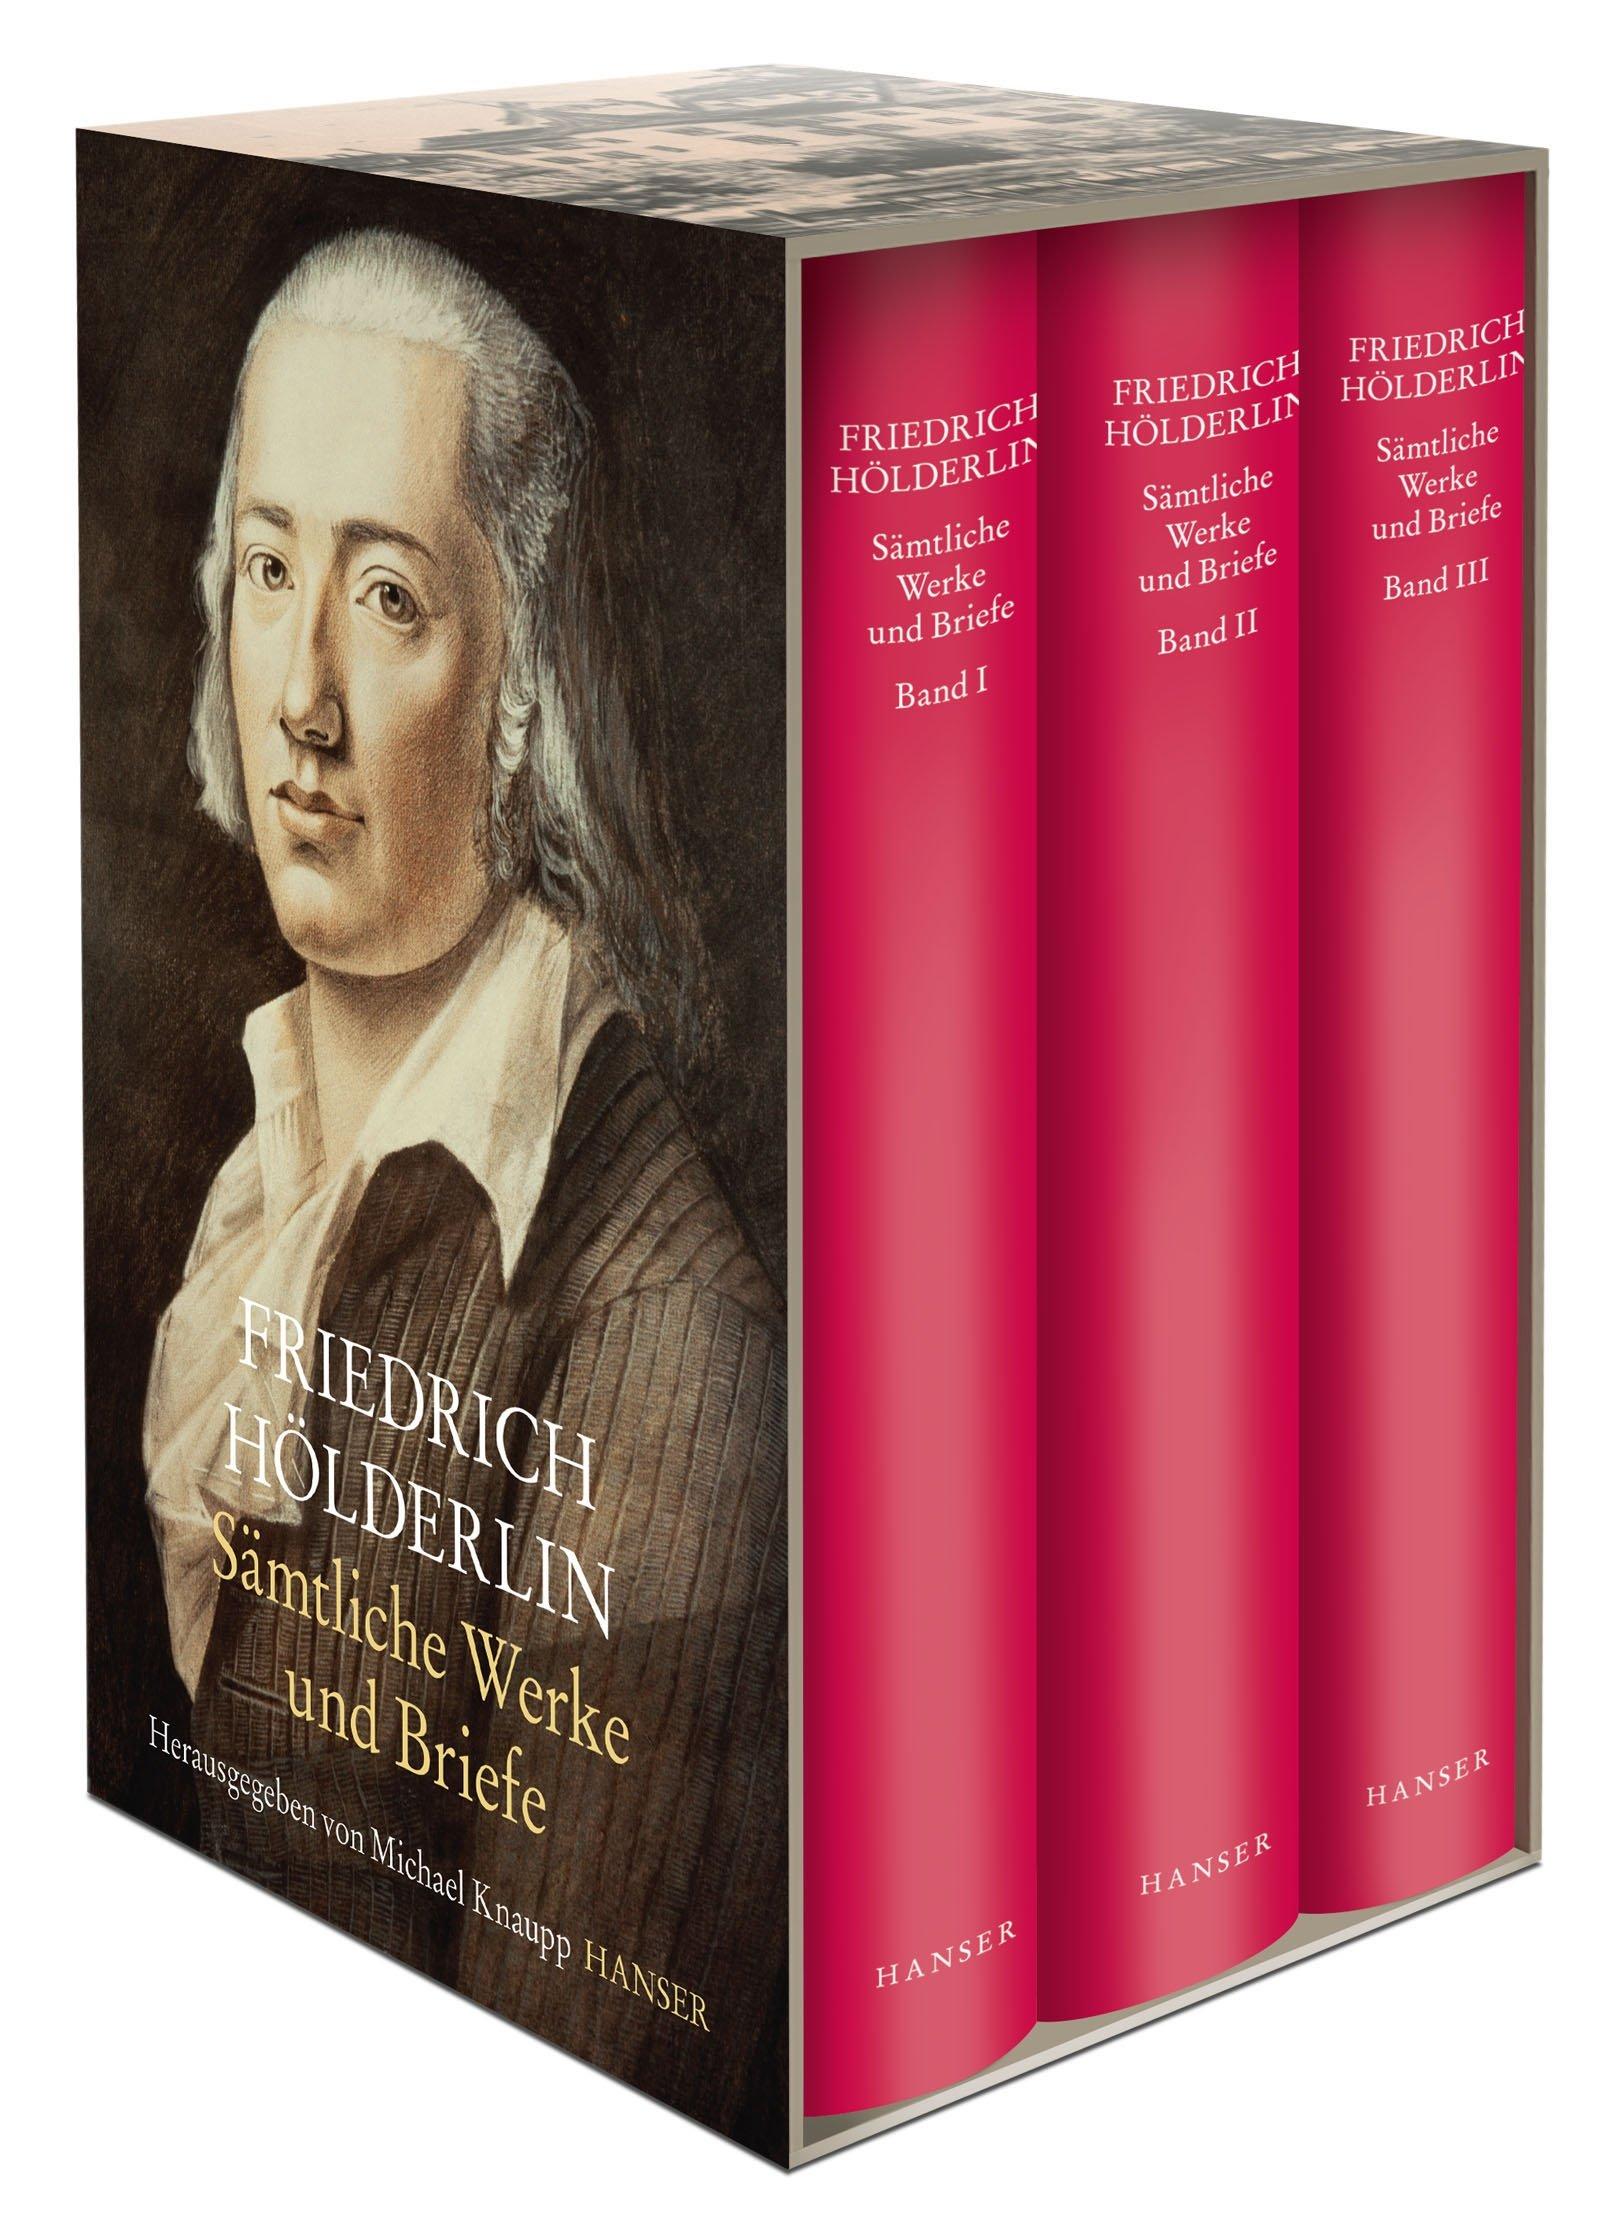 Sämtliche Werke und Briefe in drei Bänden